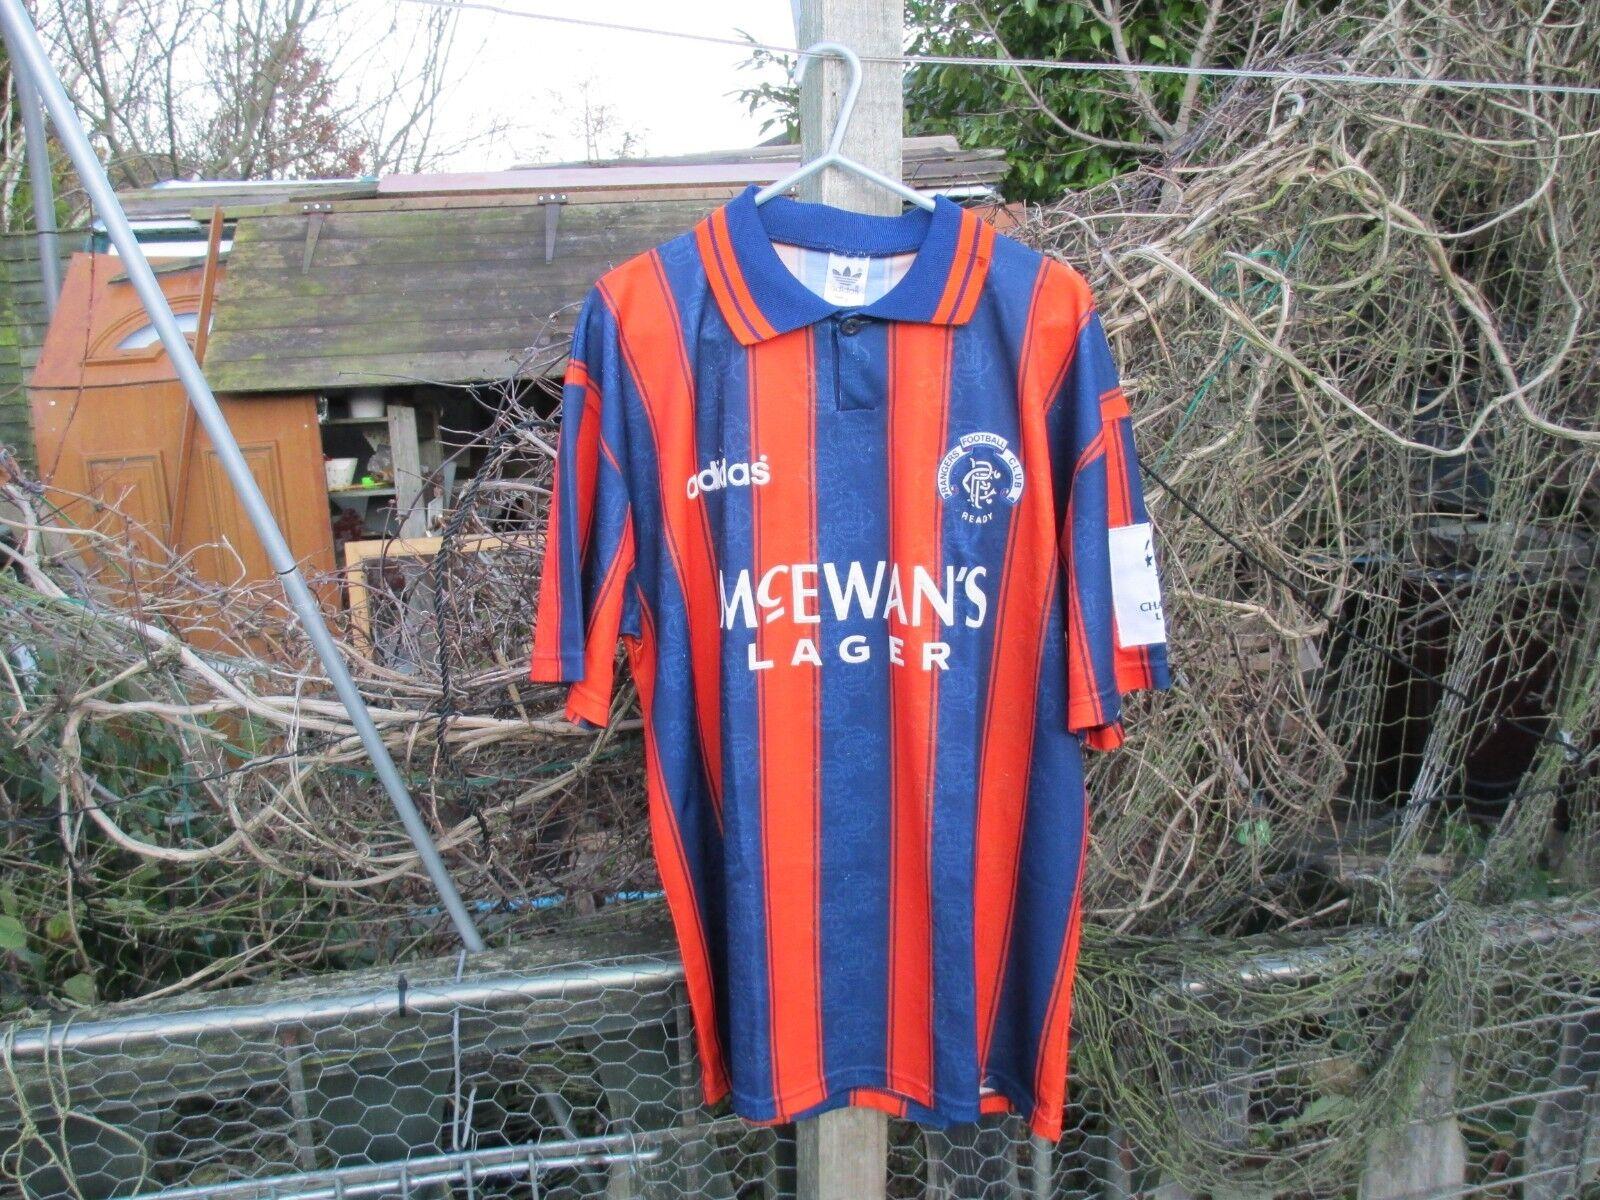 Adidas Rangers de la Liga de Campeones 1993-94 lejos (M) 93-94 Camiseta de fútbol  11 Steven